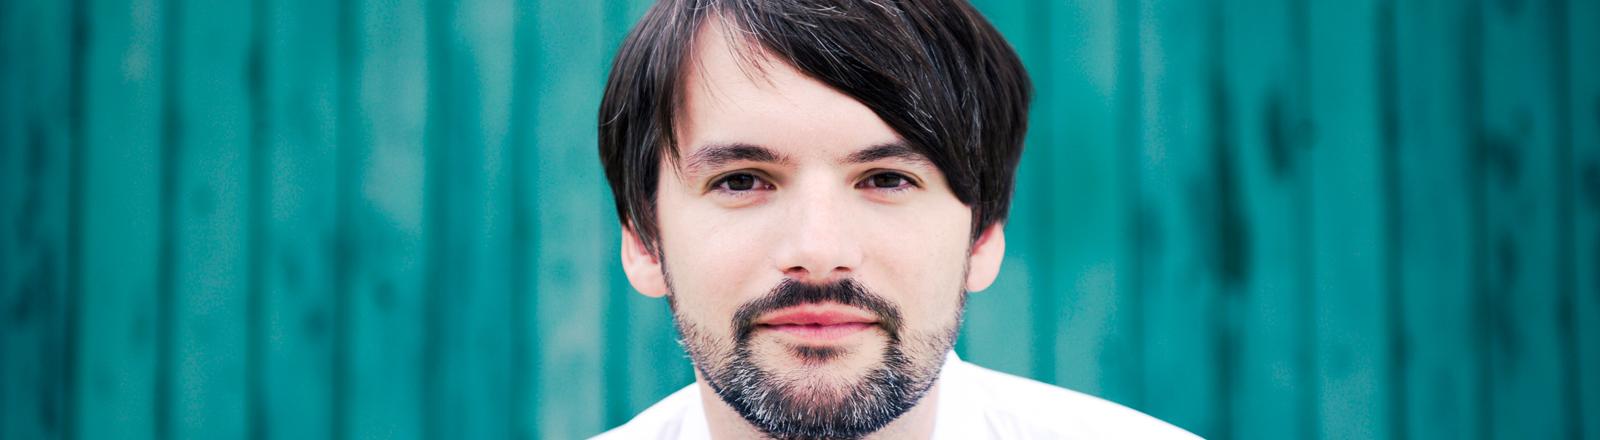 Der Schriftsteller Saša Stanišić